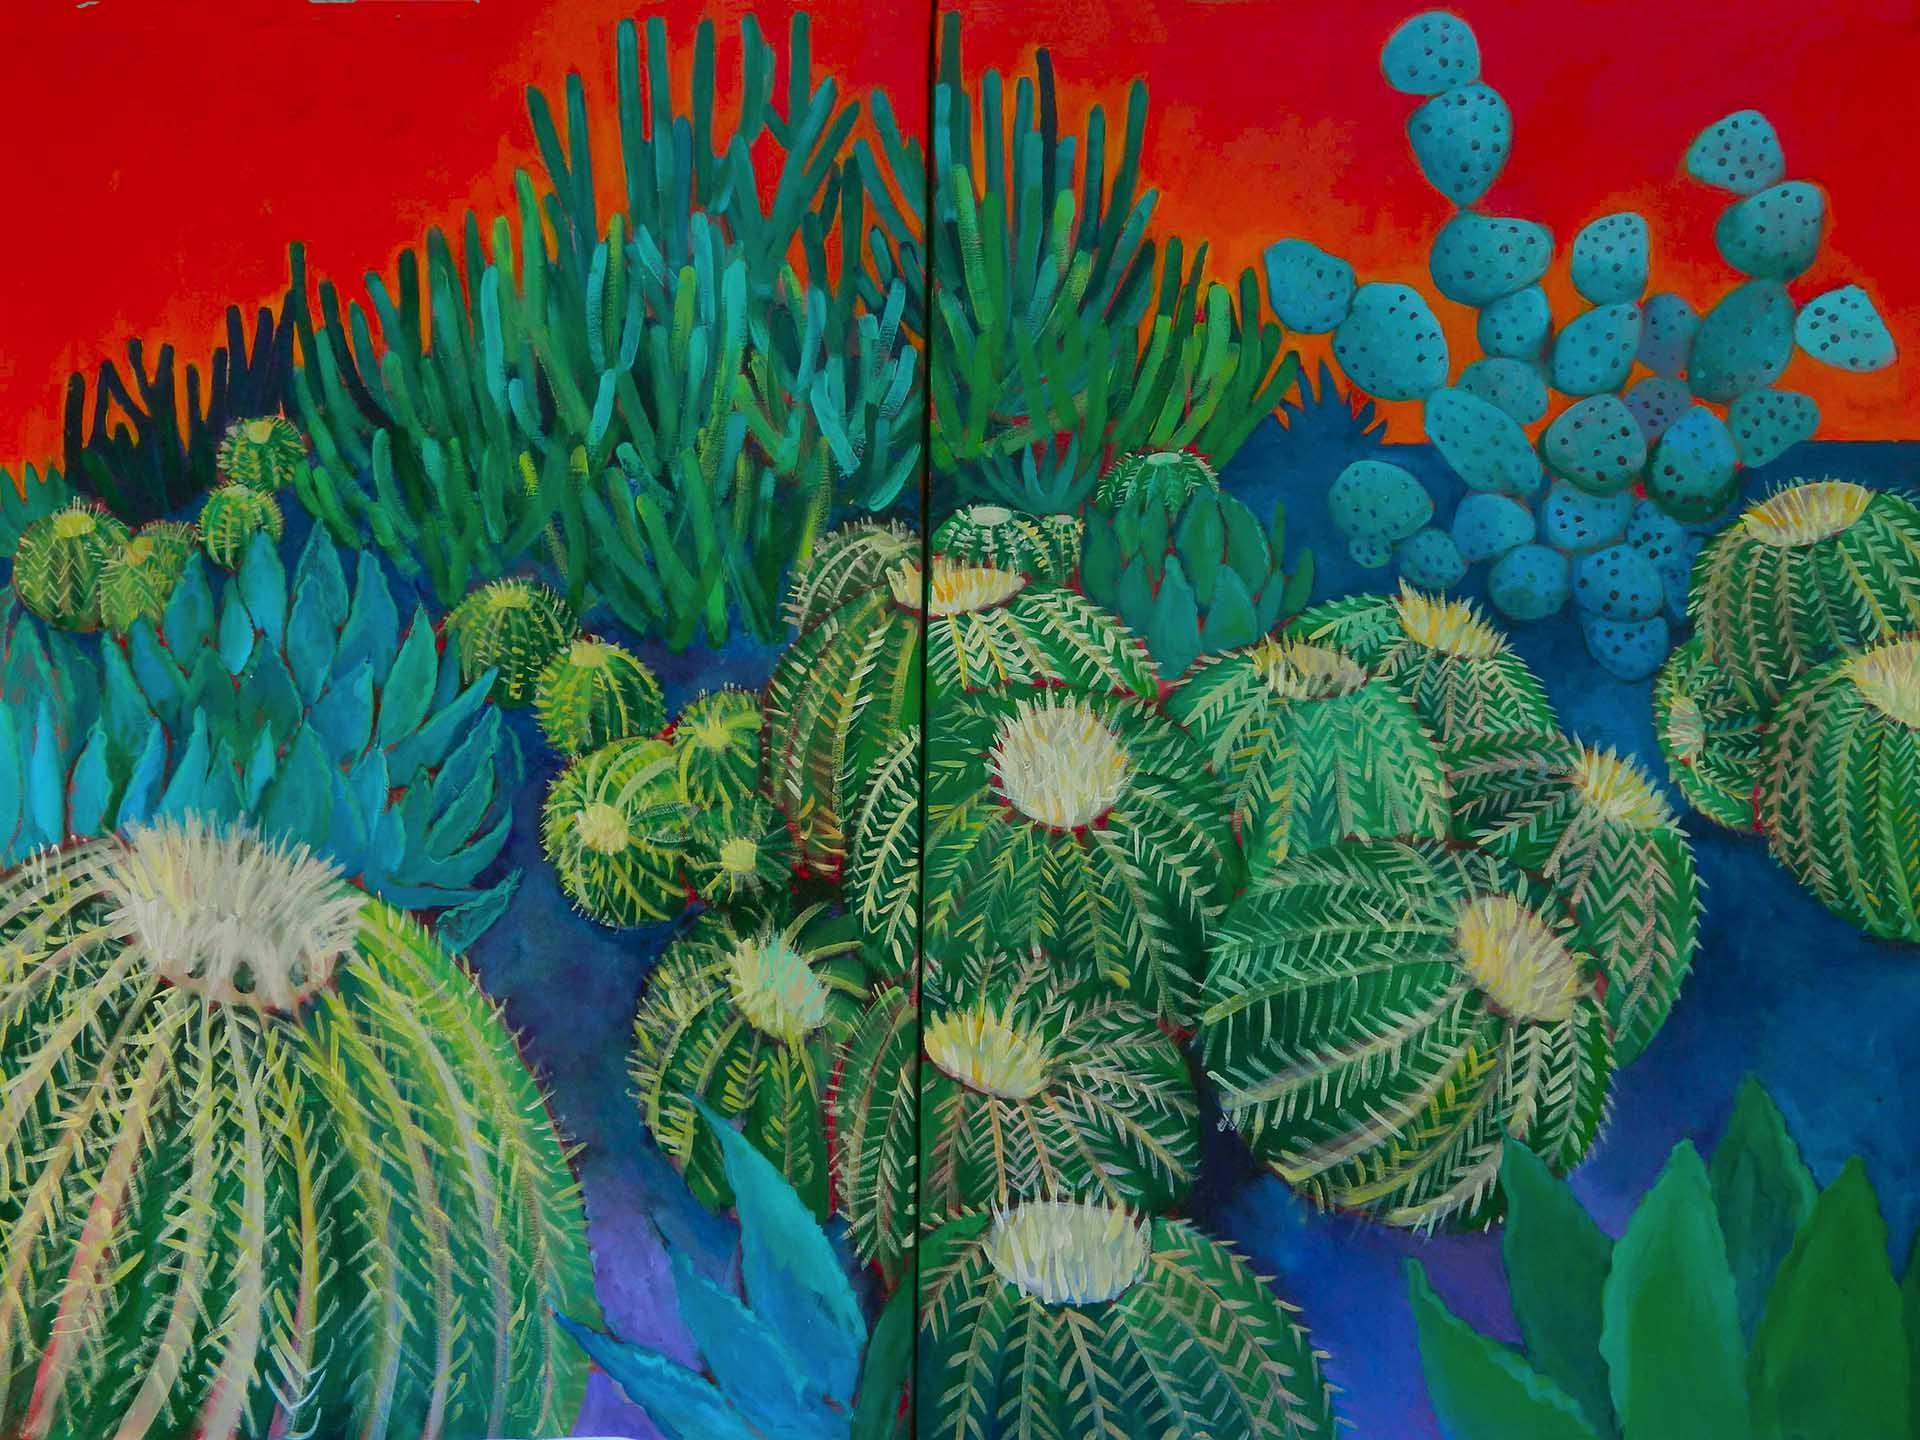 cactus hungtington gardens op14.jpg